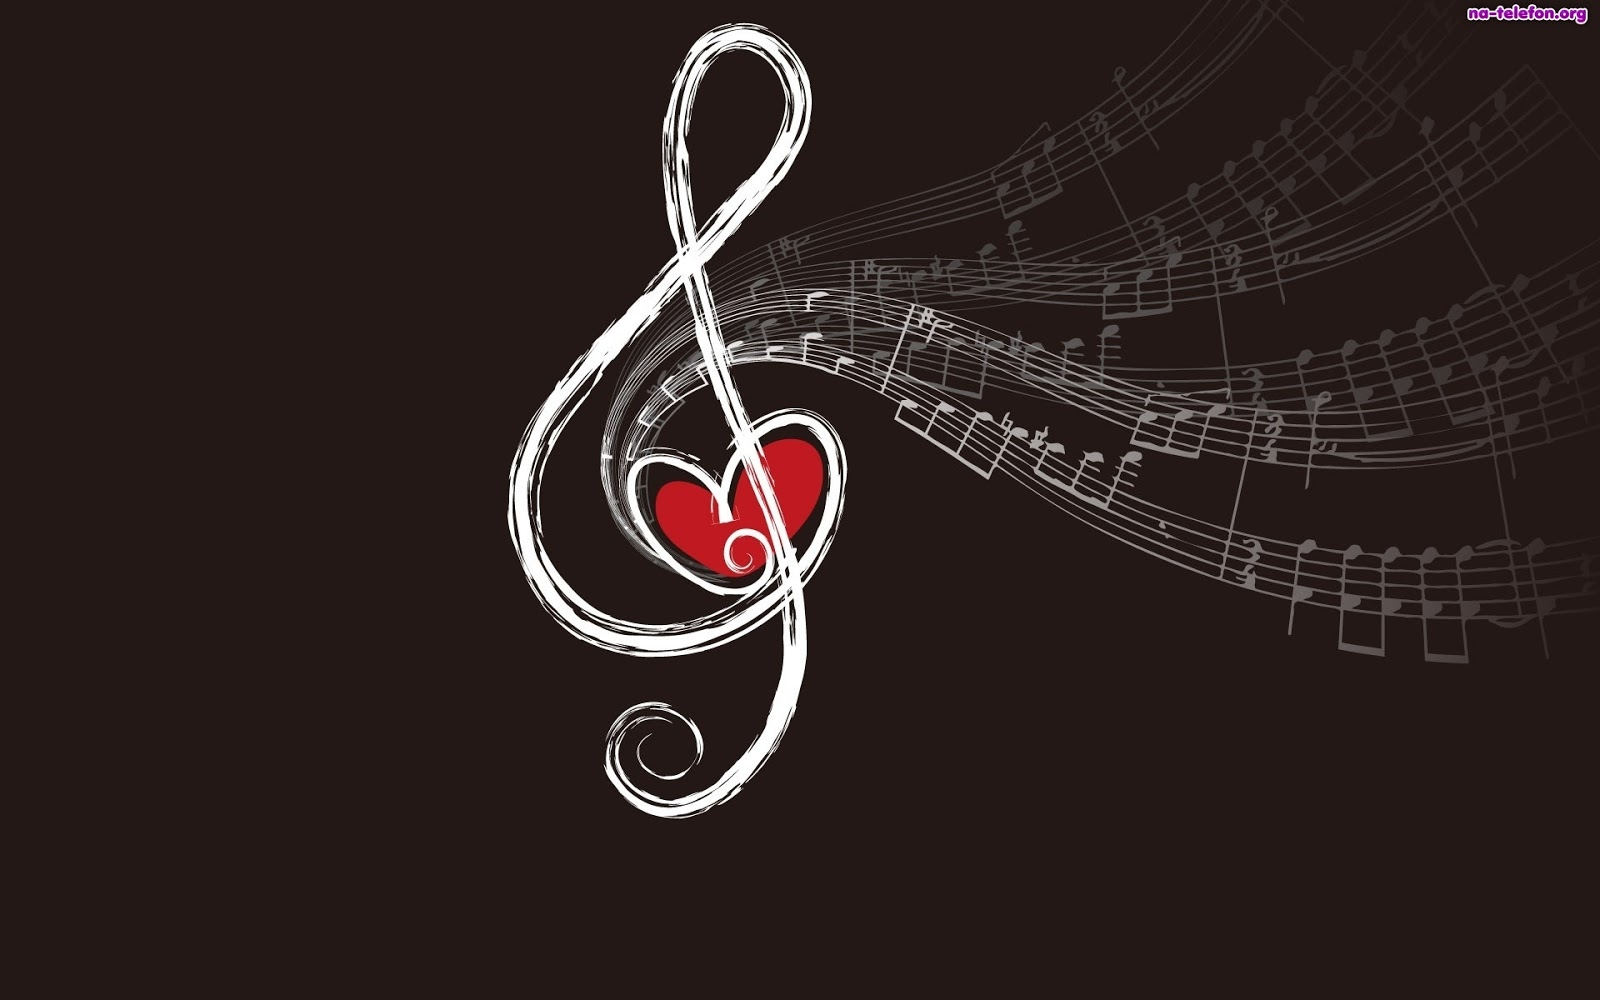 Gry Według Amelki Fajne Tapety Do Looków Muzyka Cz2